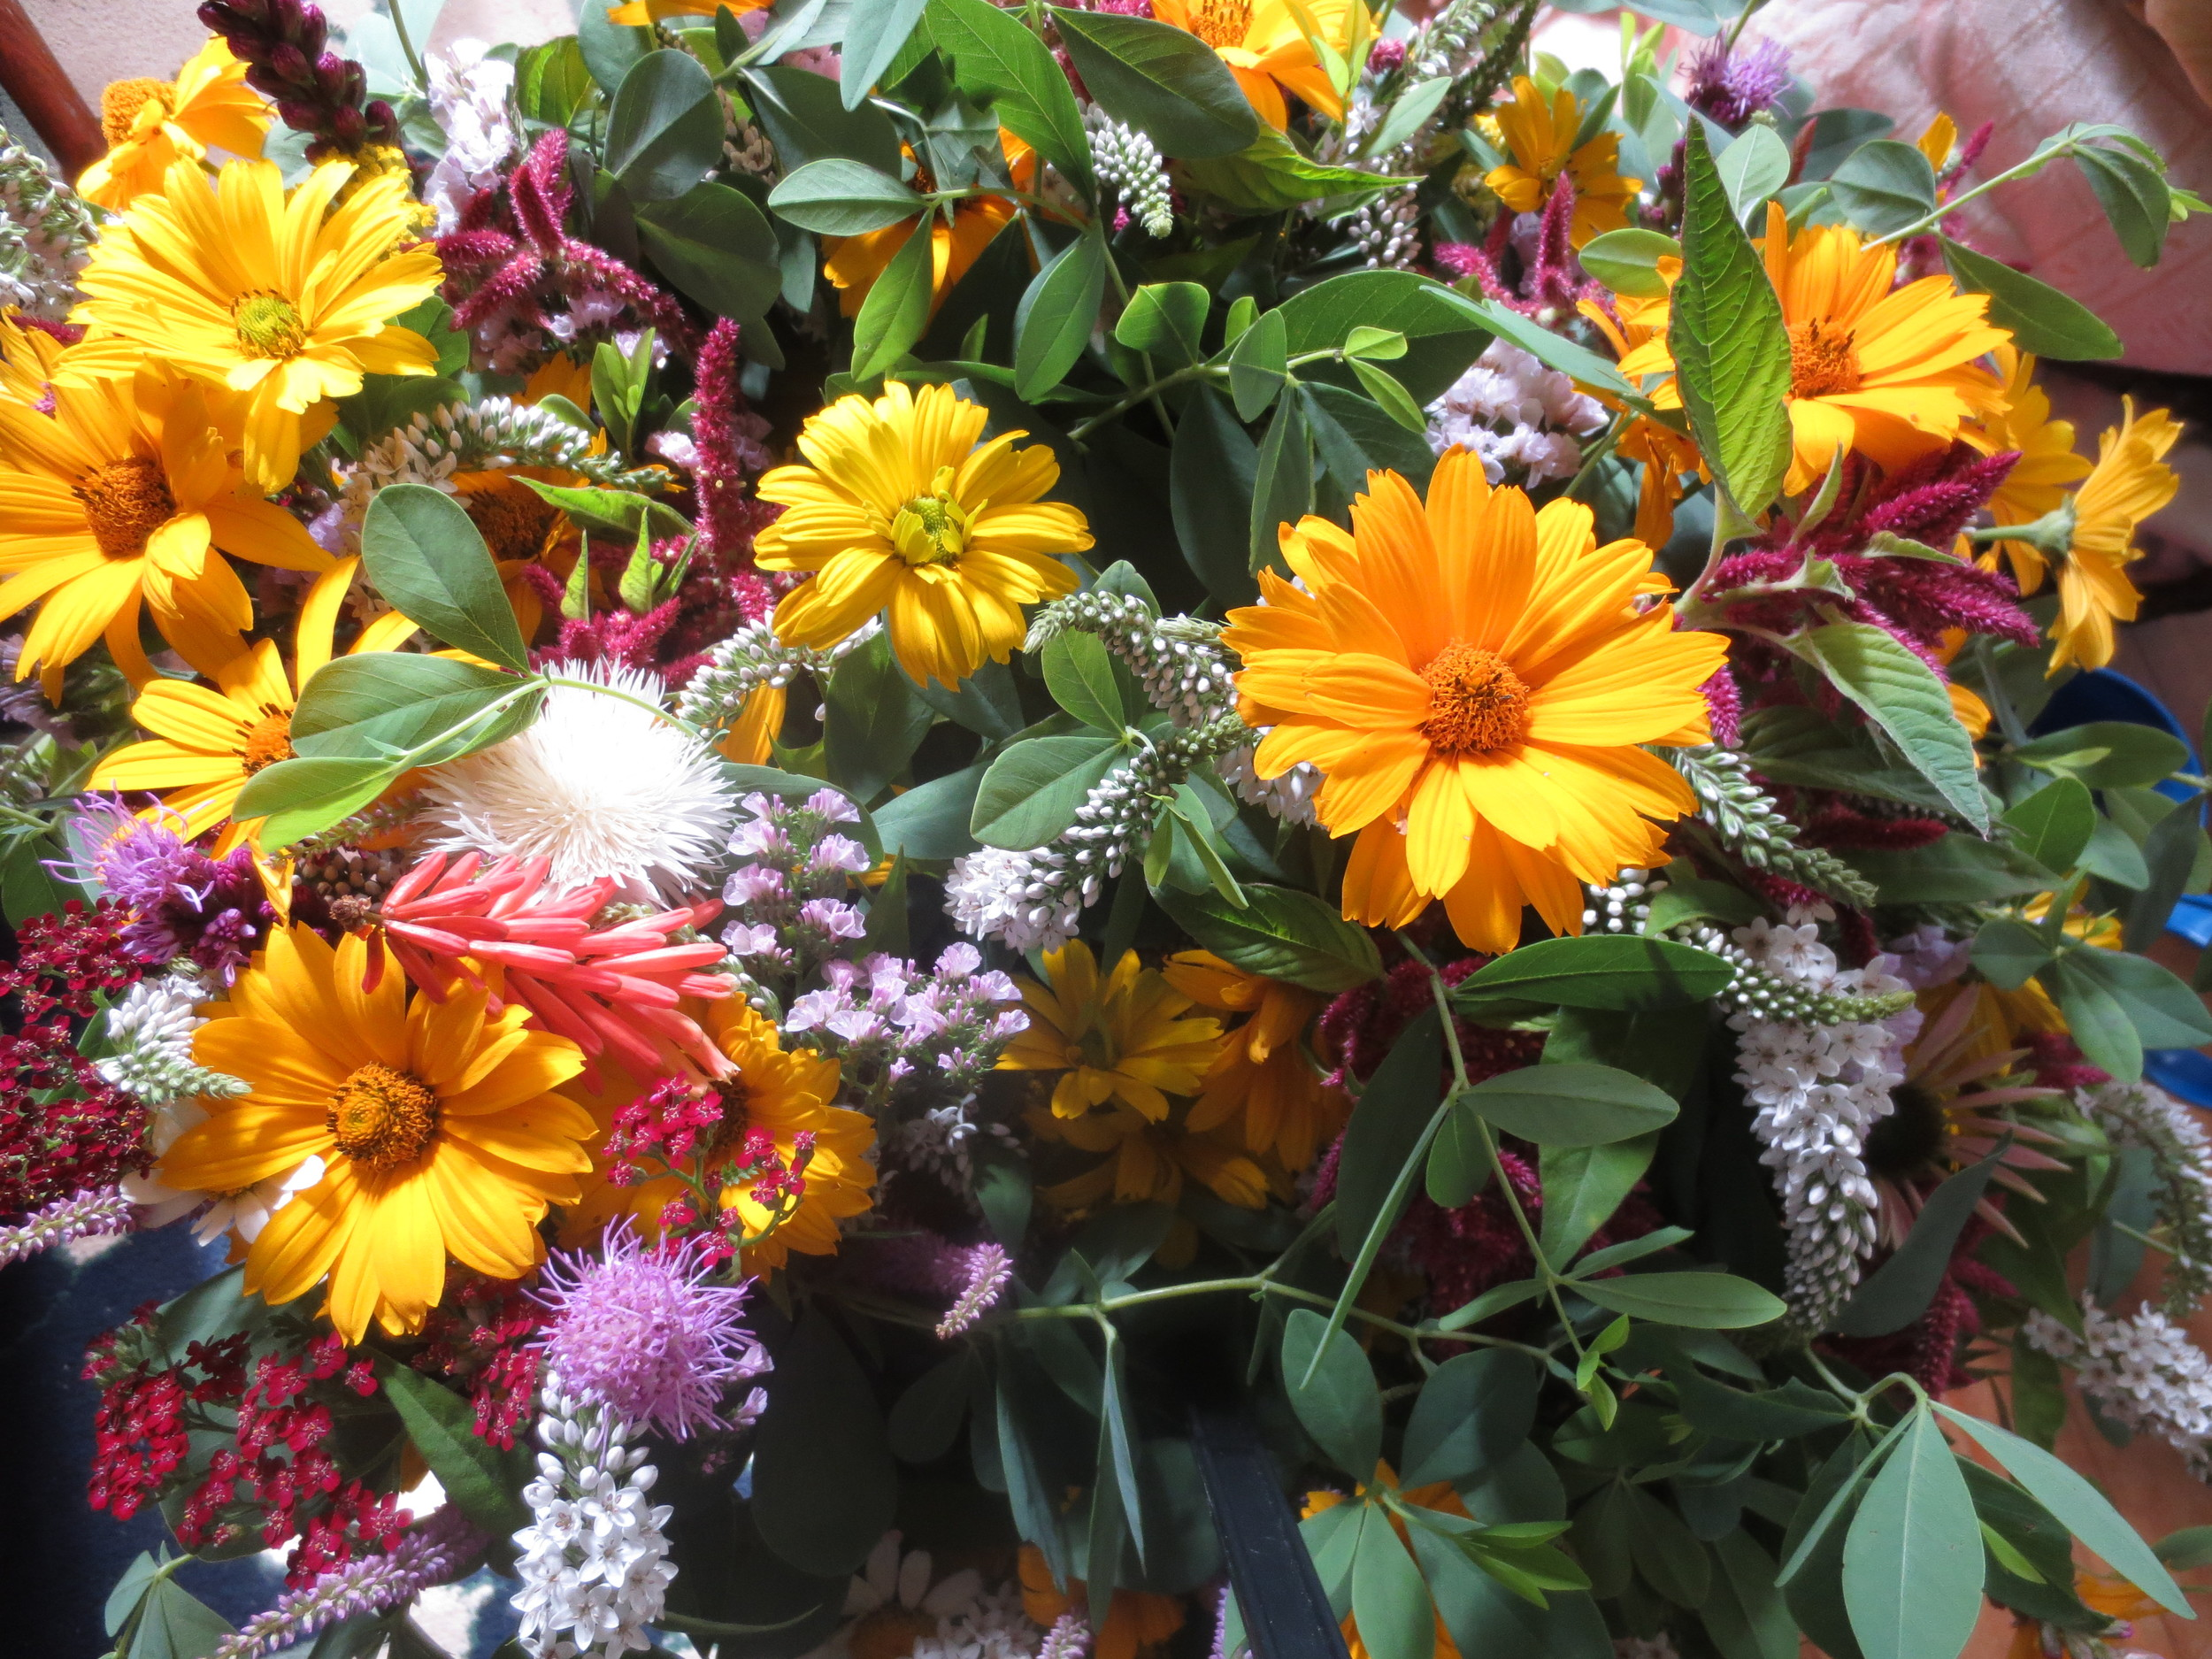 bucket of flowers.JPG